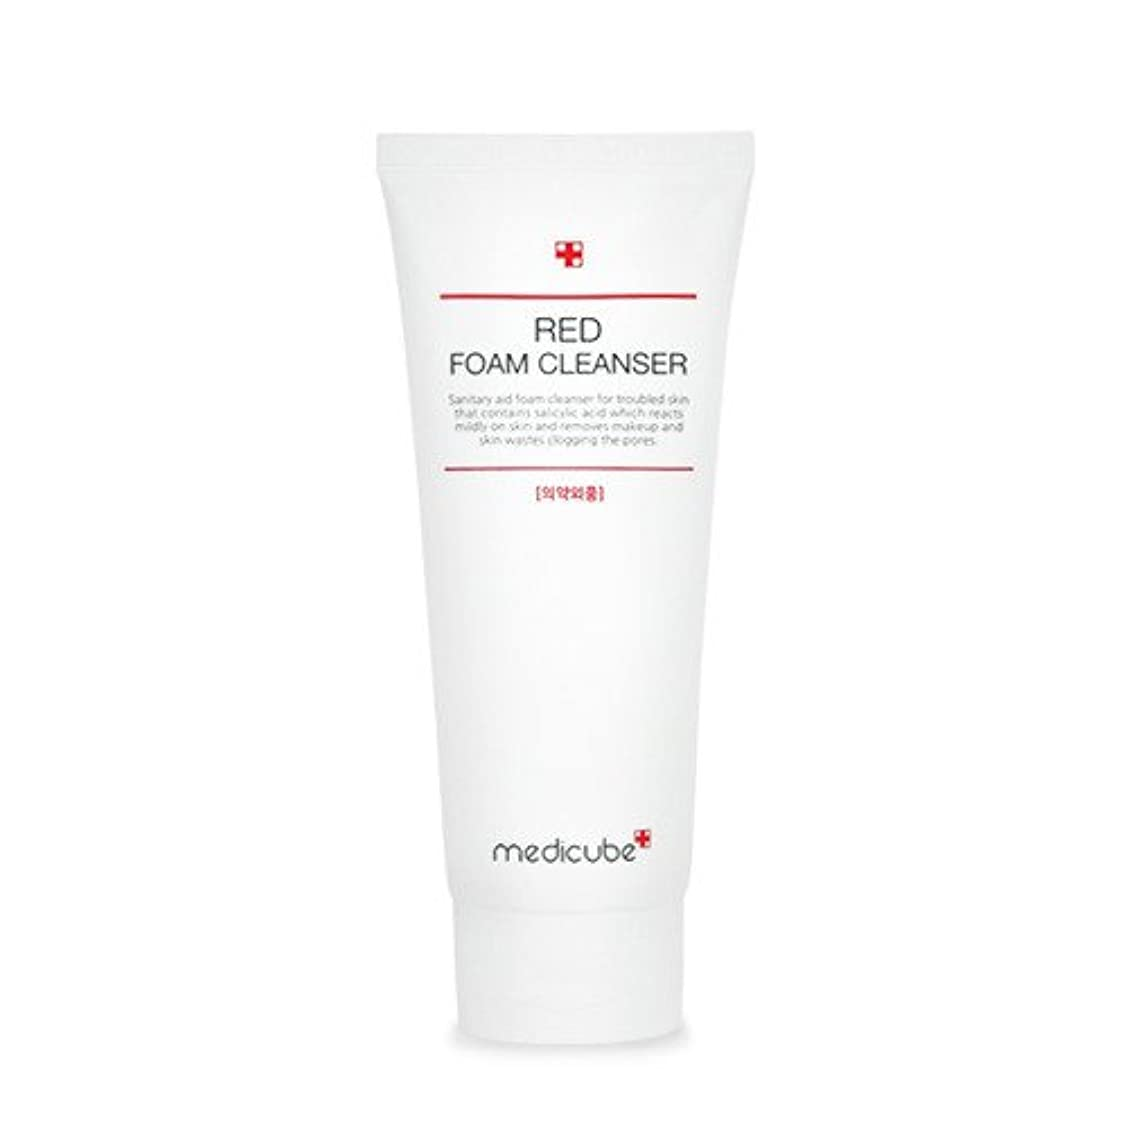 気をつけて無限惑星[Medicube]Red Foam Cleanser 120ml / メディキューブレッドクレンジングフォーム / 正品?海外直送商品 [並行輸入品]